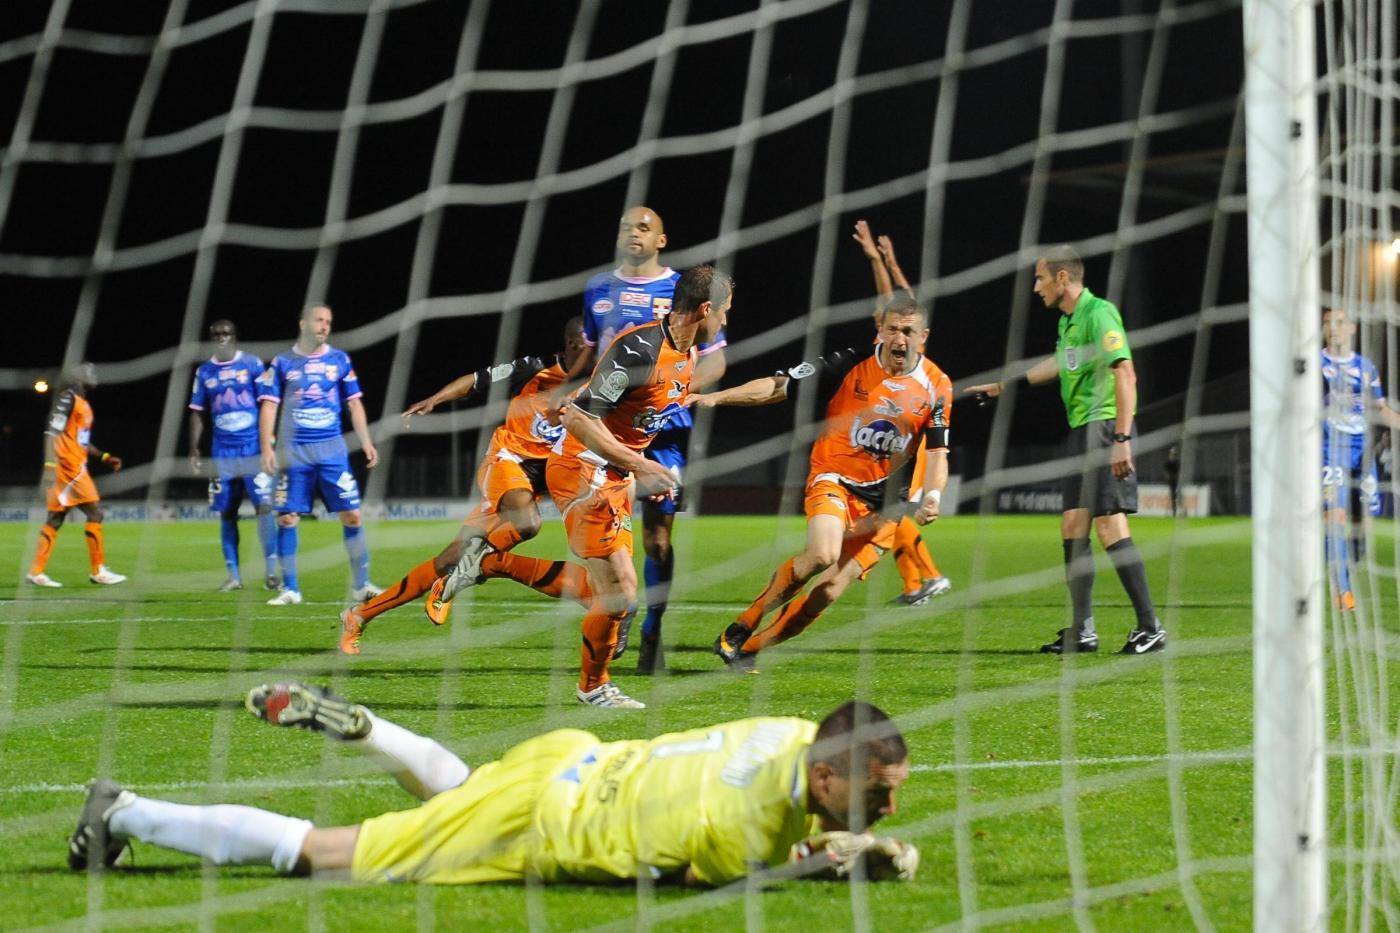 National Francia 9 maggio: si giocano le gare della 33 esima giornata della Serie C francese. Rodez e Chambly già promosse in Ligue 2.